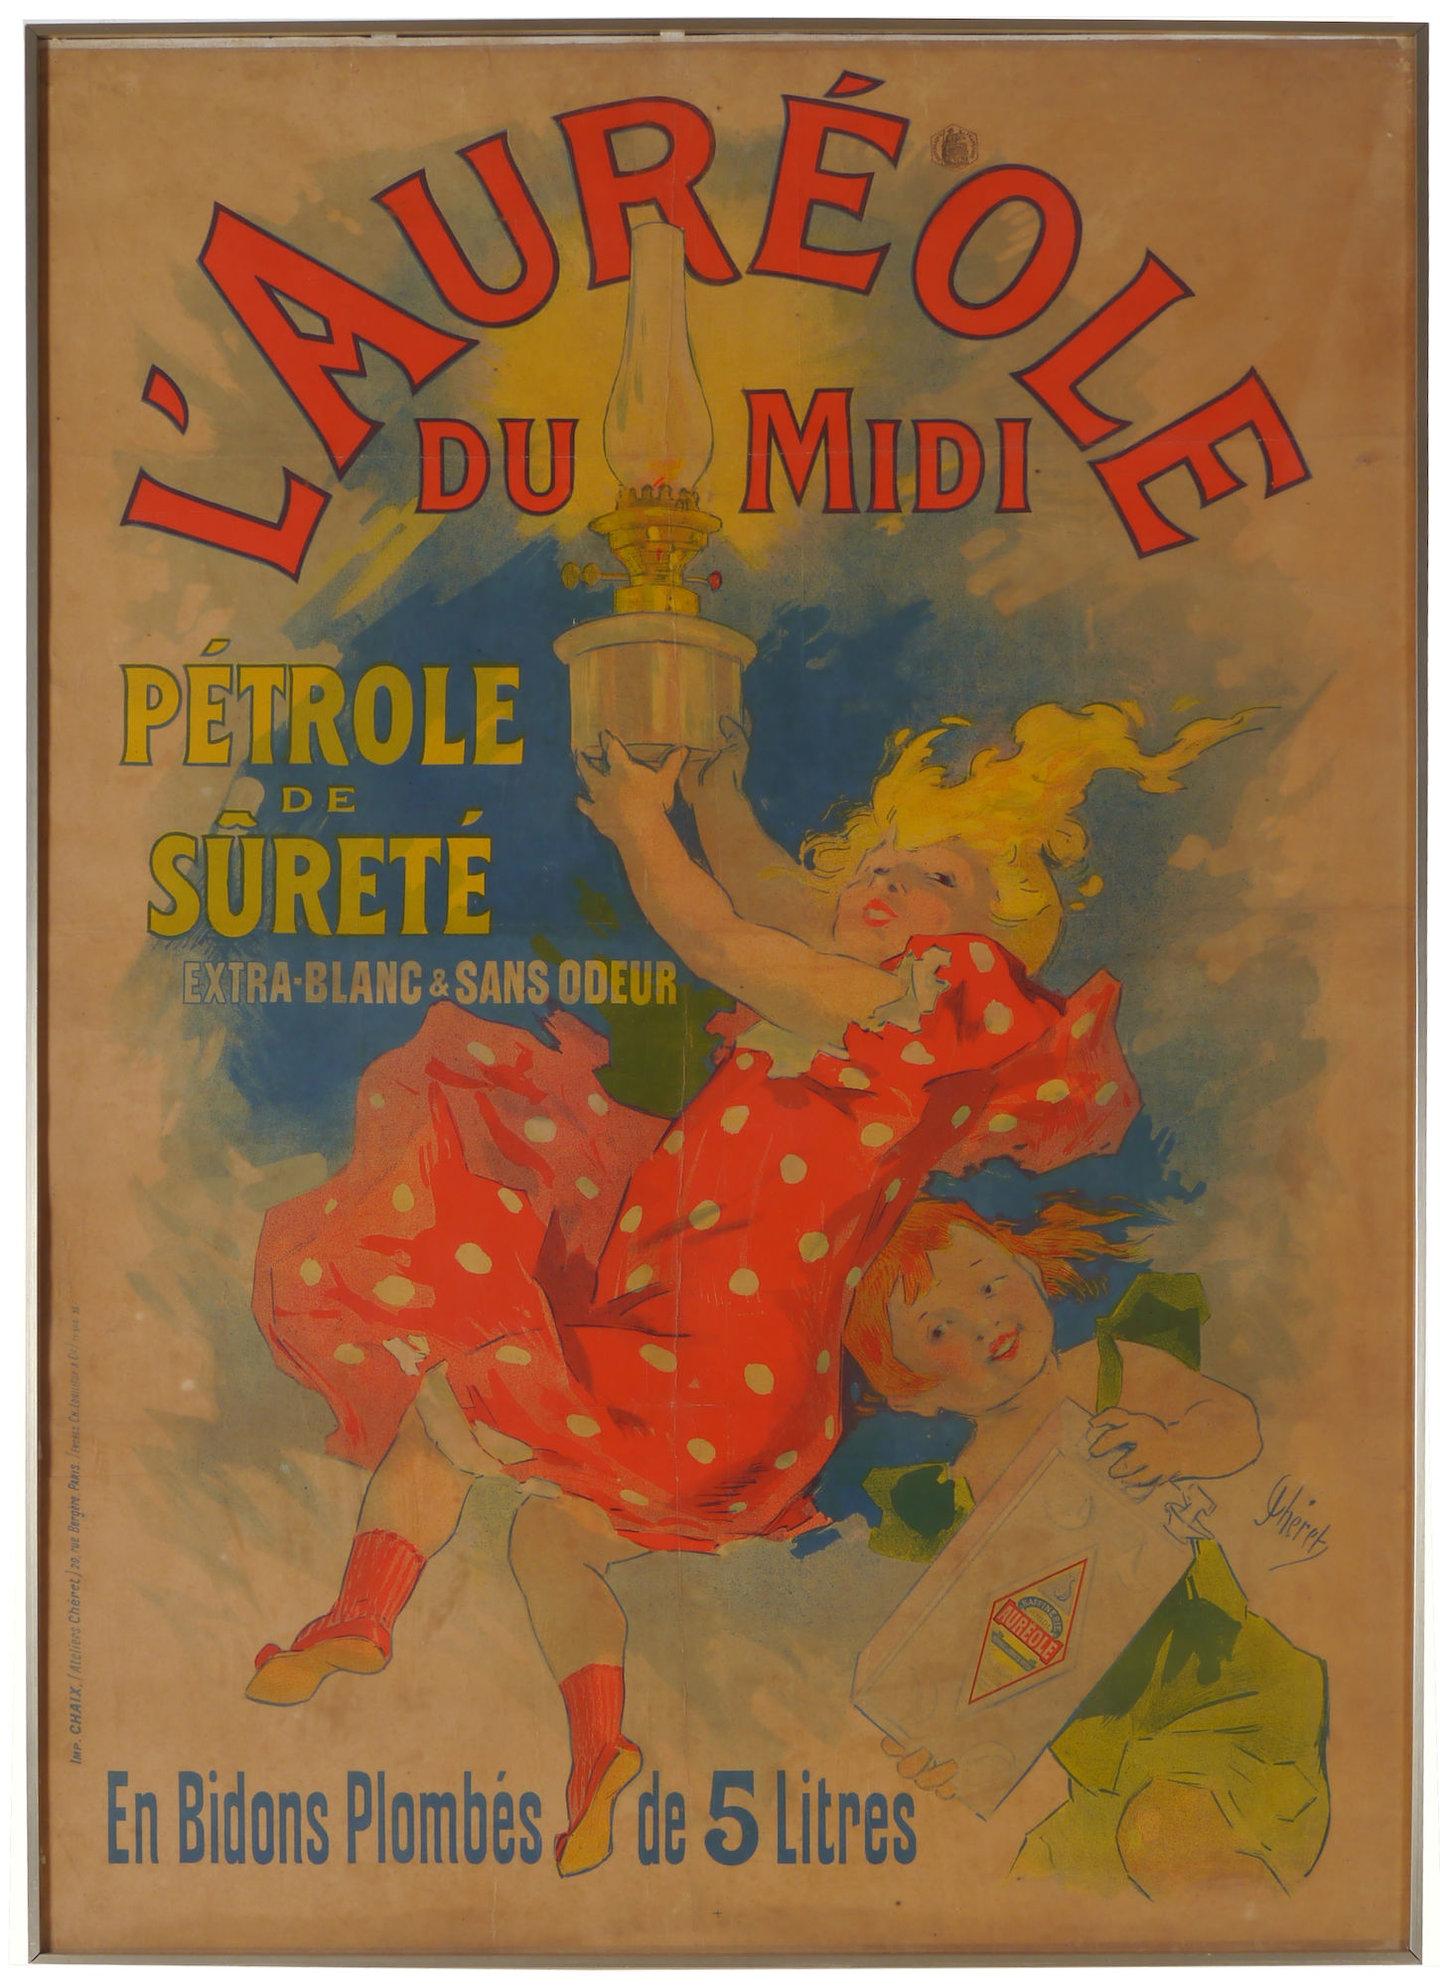 Affiche voor lampenpetroleum l'Auréole du Midi